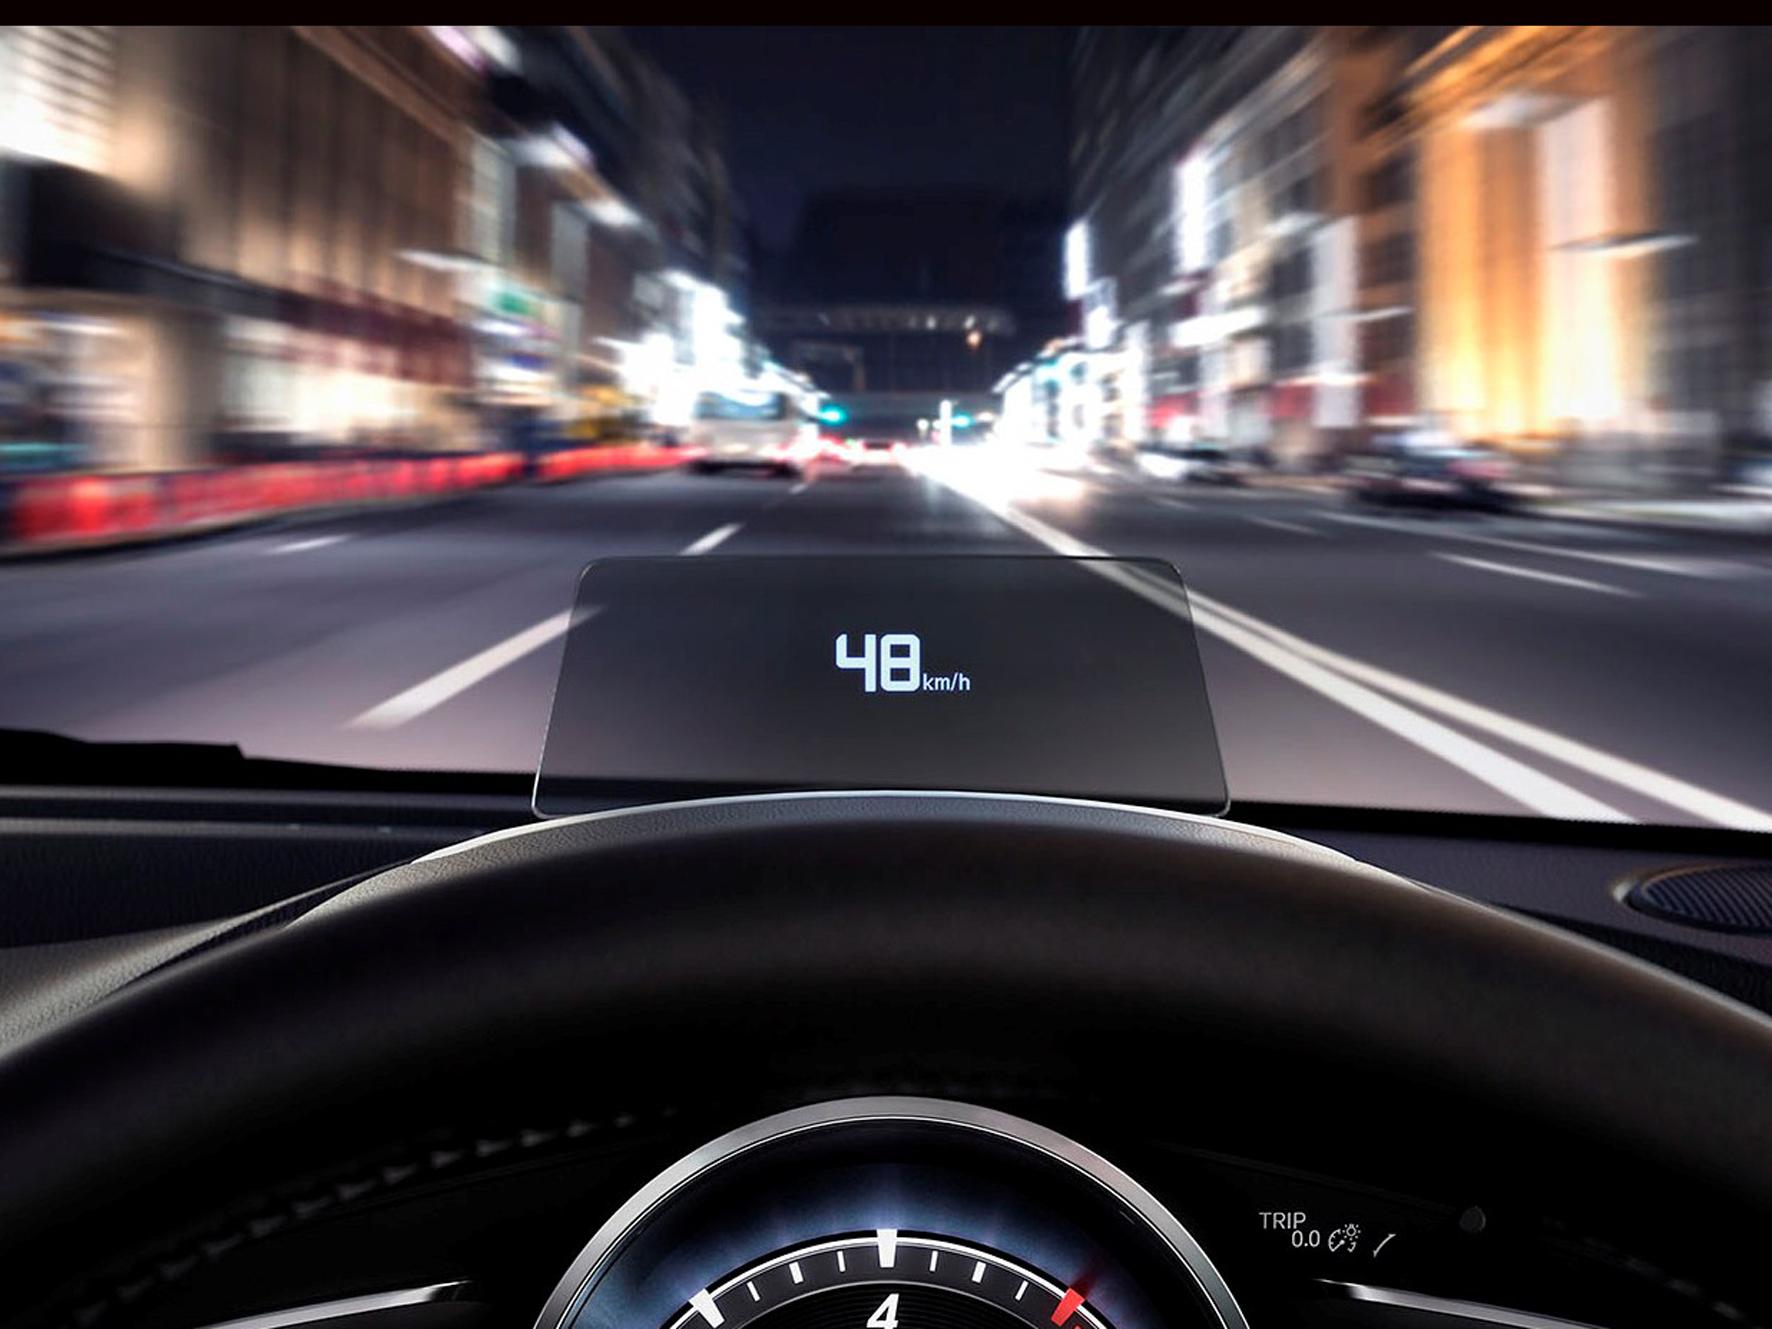 ▲車速やナビゲーションのルート誘導など、走行時に必要な情報を表示してくれるアクティブ・ドライビング・ディスプレイ。視線移動が少なくて済む